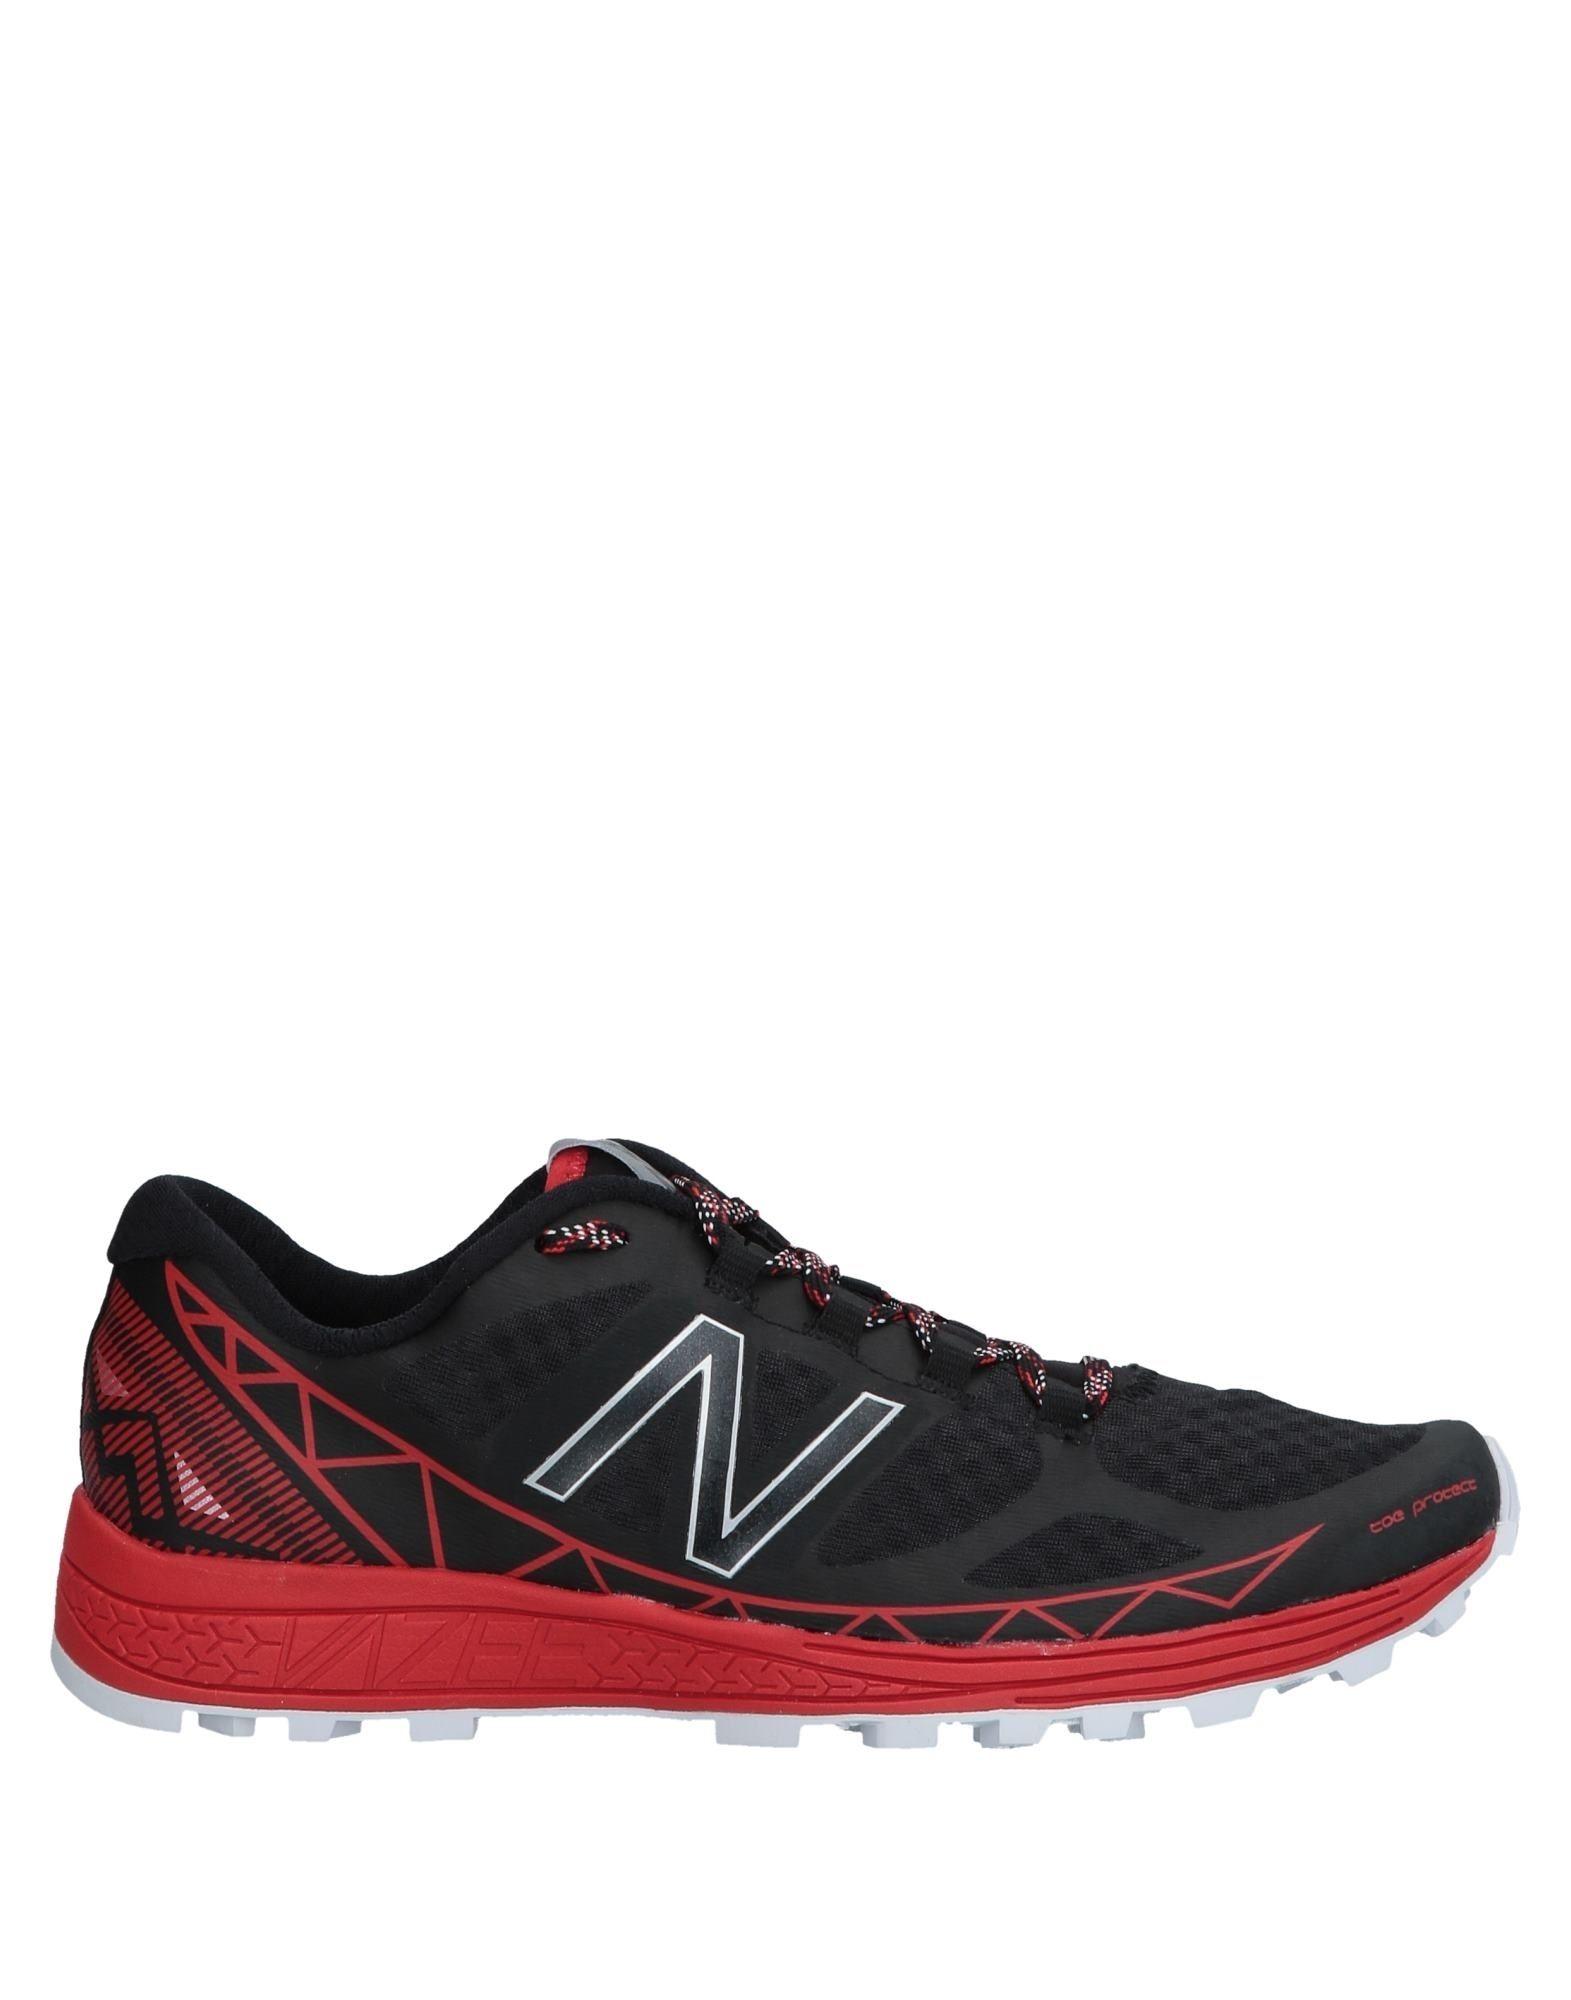 New Balance Sneakers - Men New Balance Sneakers online on 11554388FX  United Kingdom - 11554388FX on 514d11